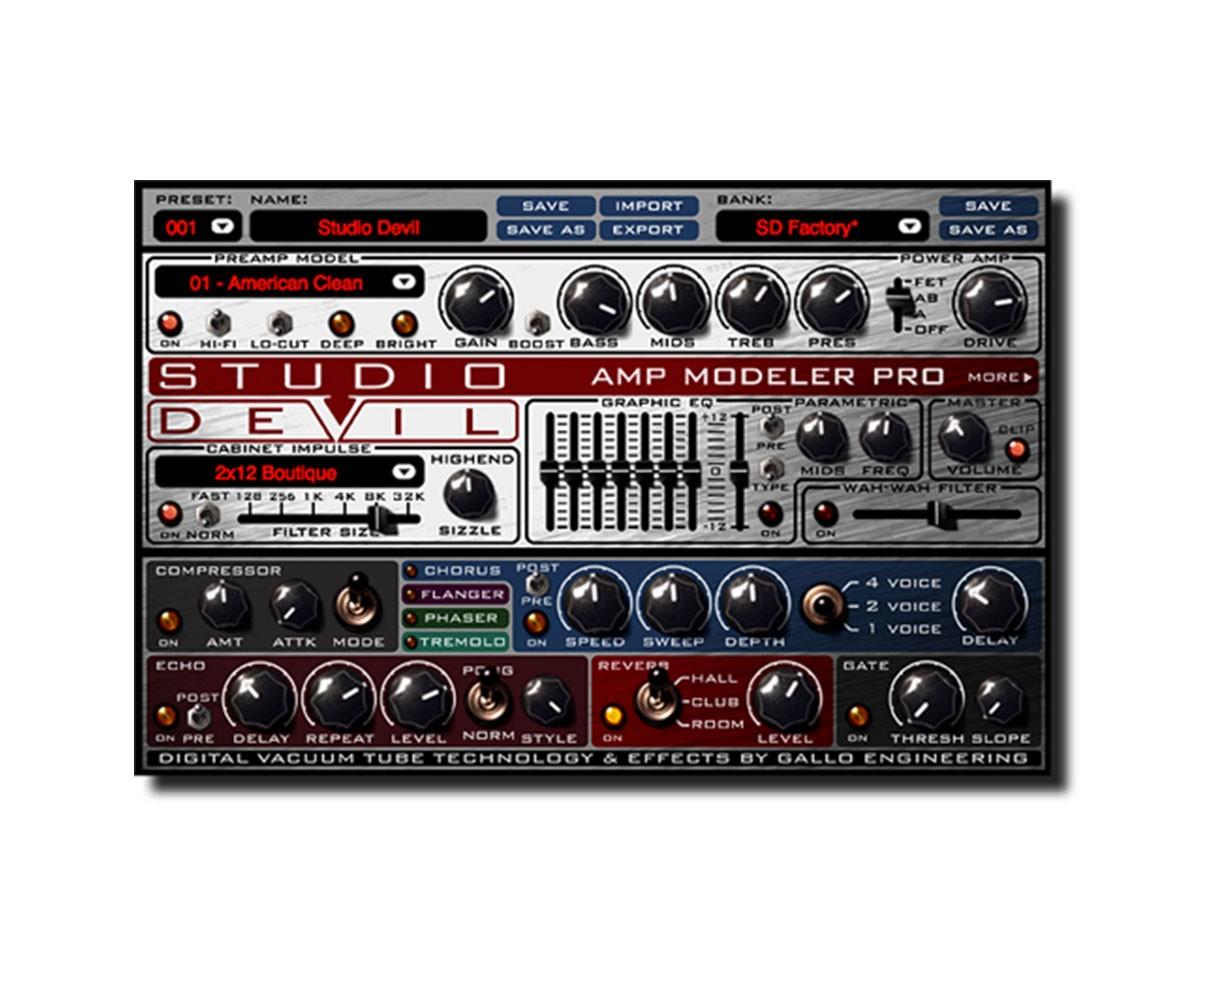 Studio Devil AMP Modeler Pro